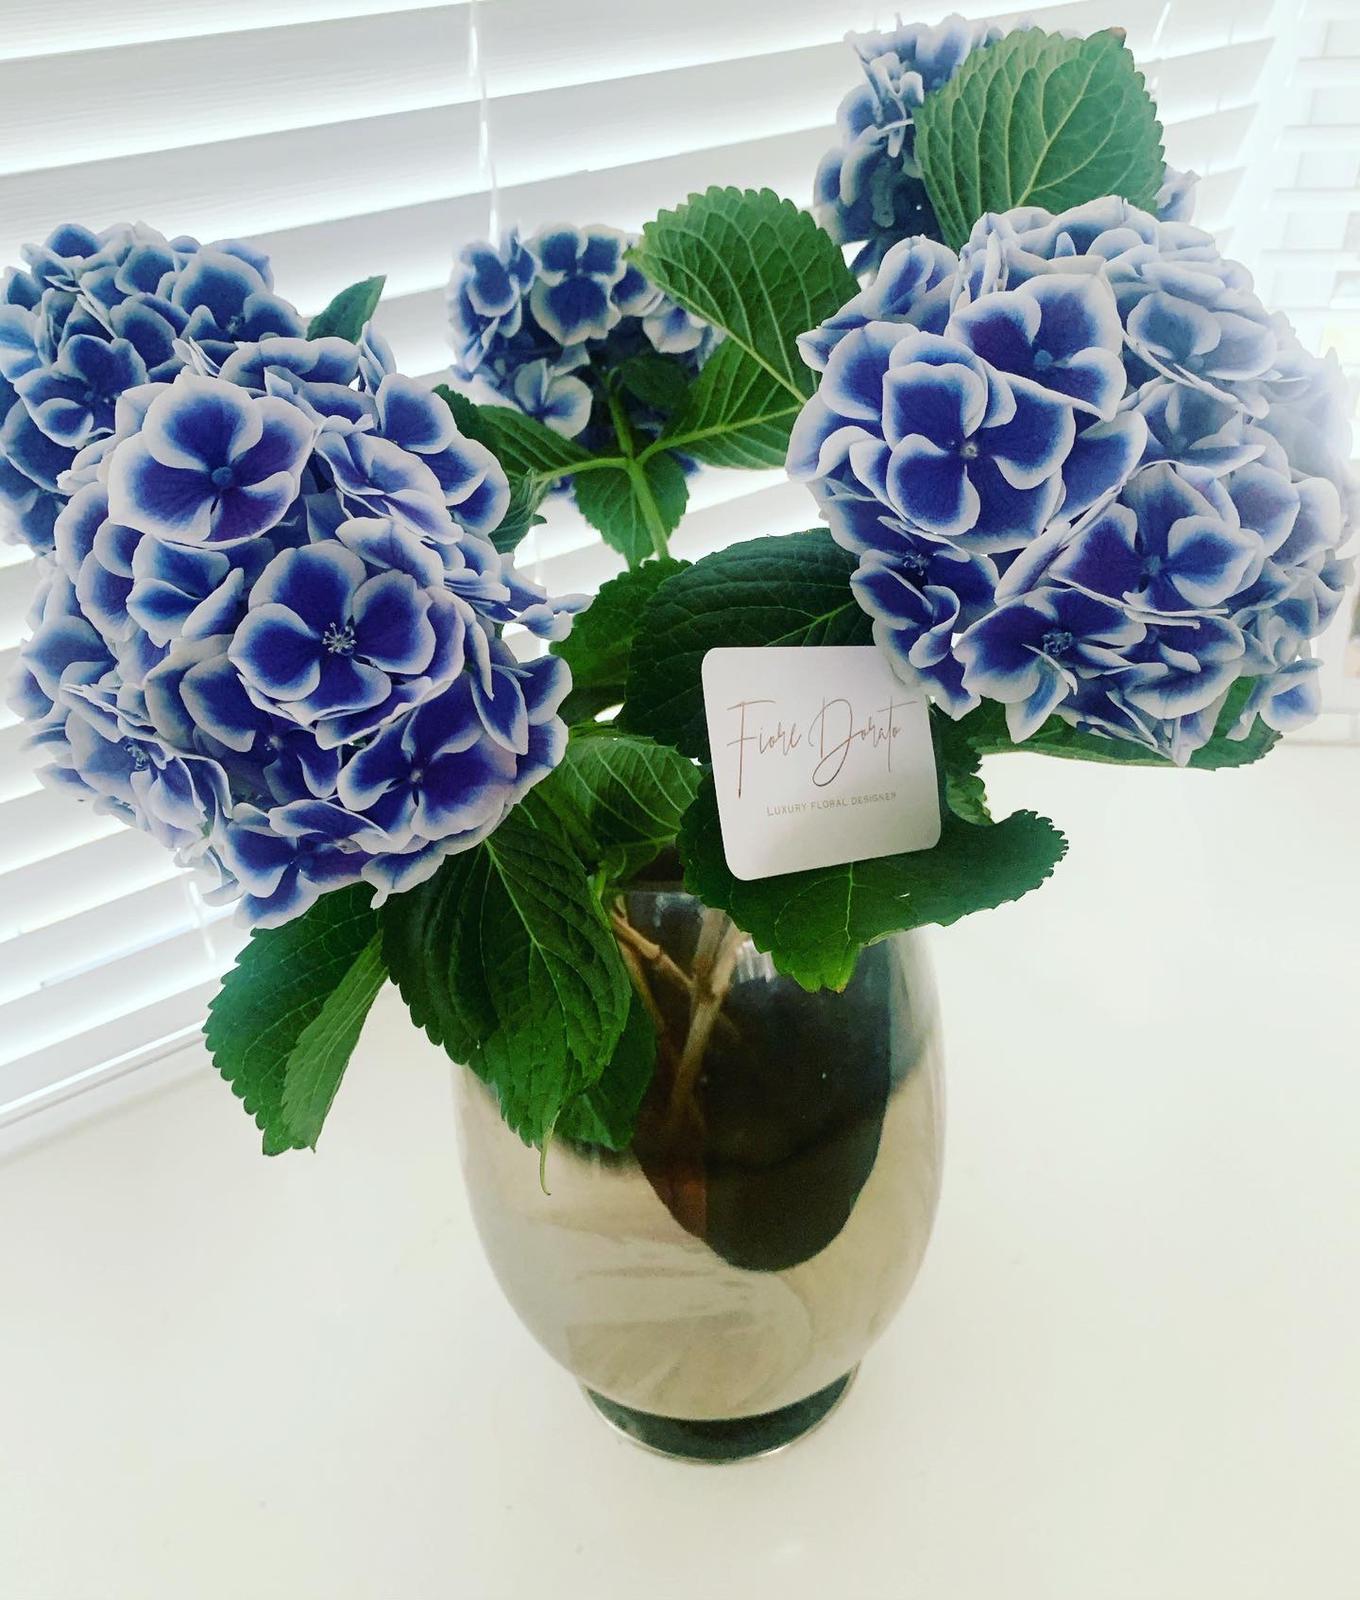 Single stem bouquets